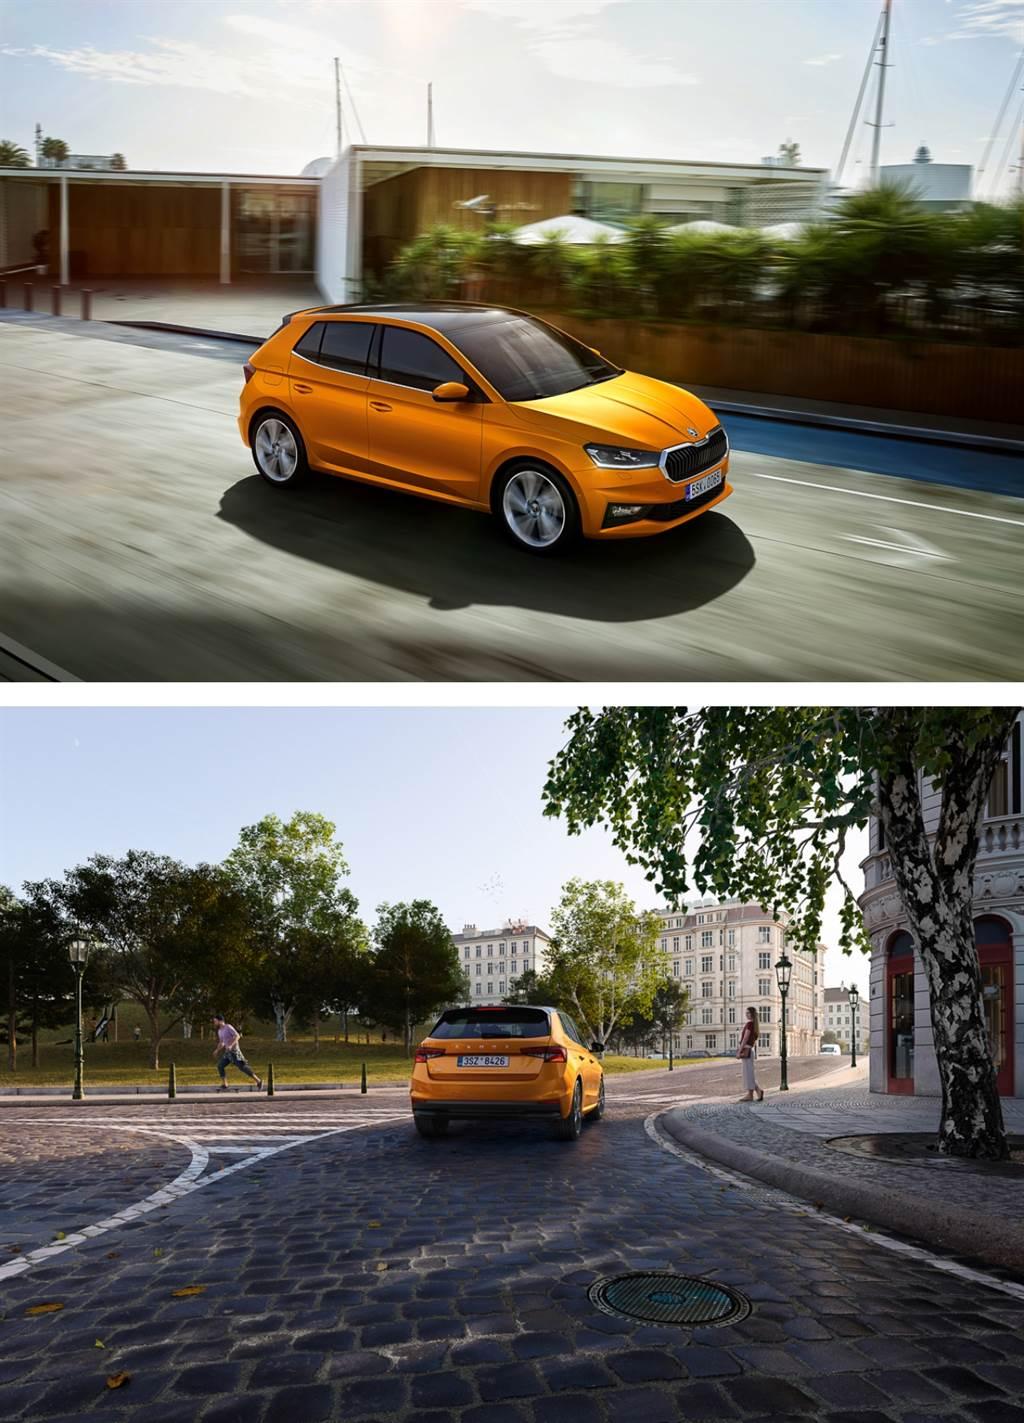 架構、尺寸、配置、科技全面革新 Škoda 發表第四世代 Fabia